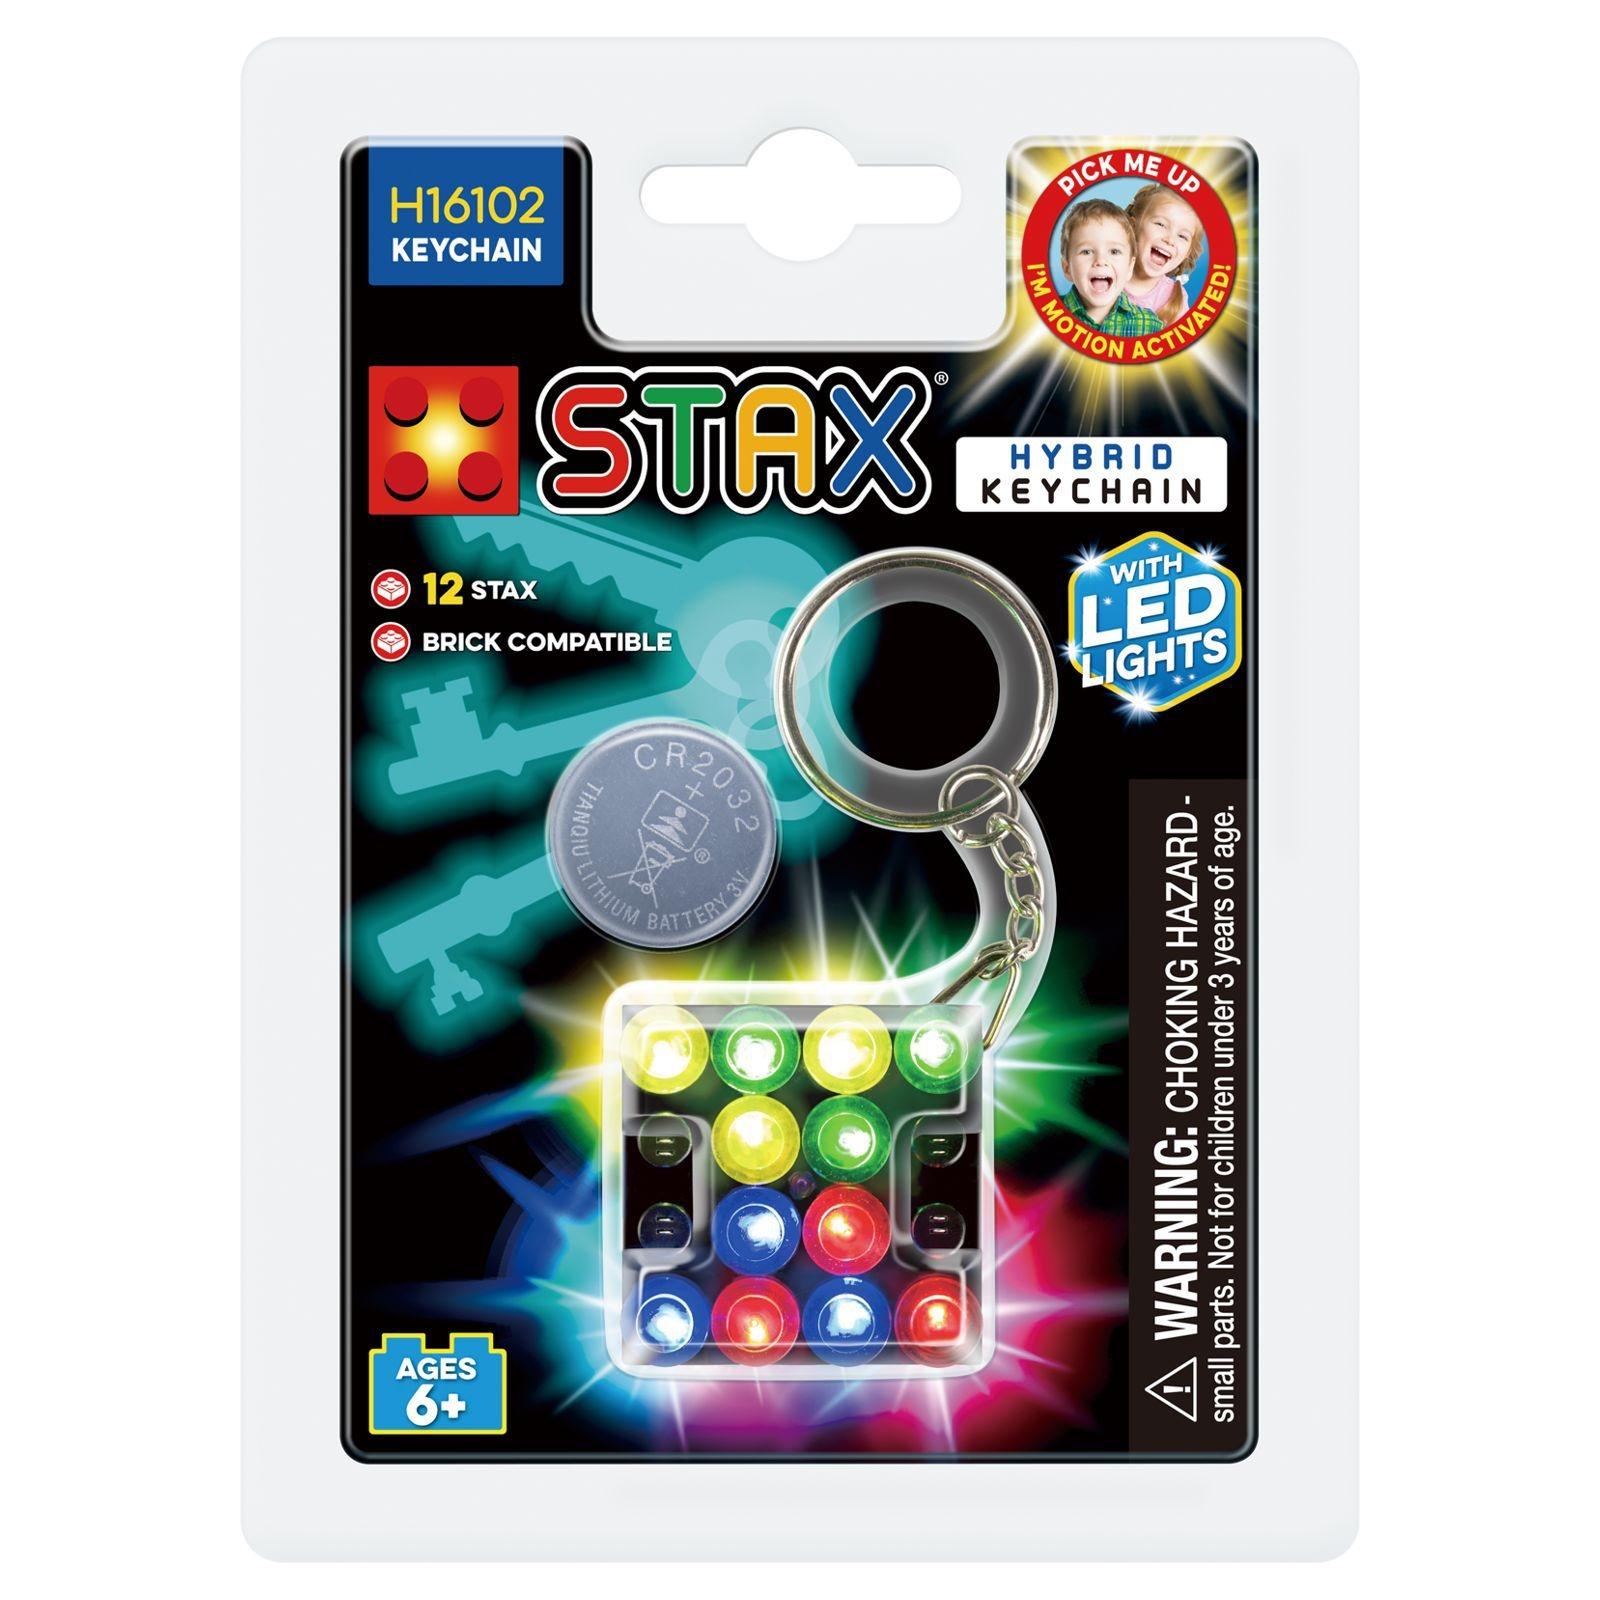 STAX Hybrid Keychain - Παιχνίδι-Μπρελόκ Με Φωτάκια LED (H16102)